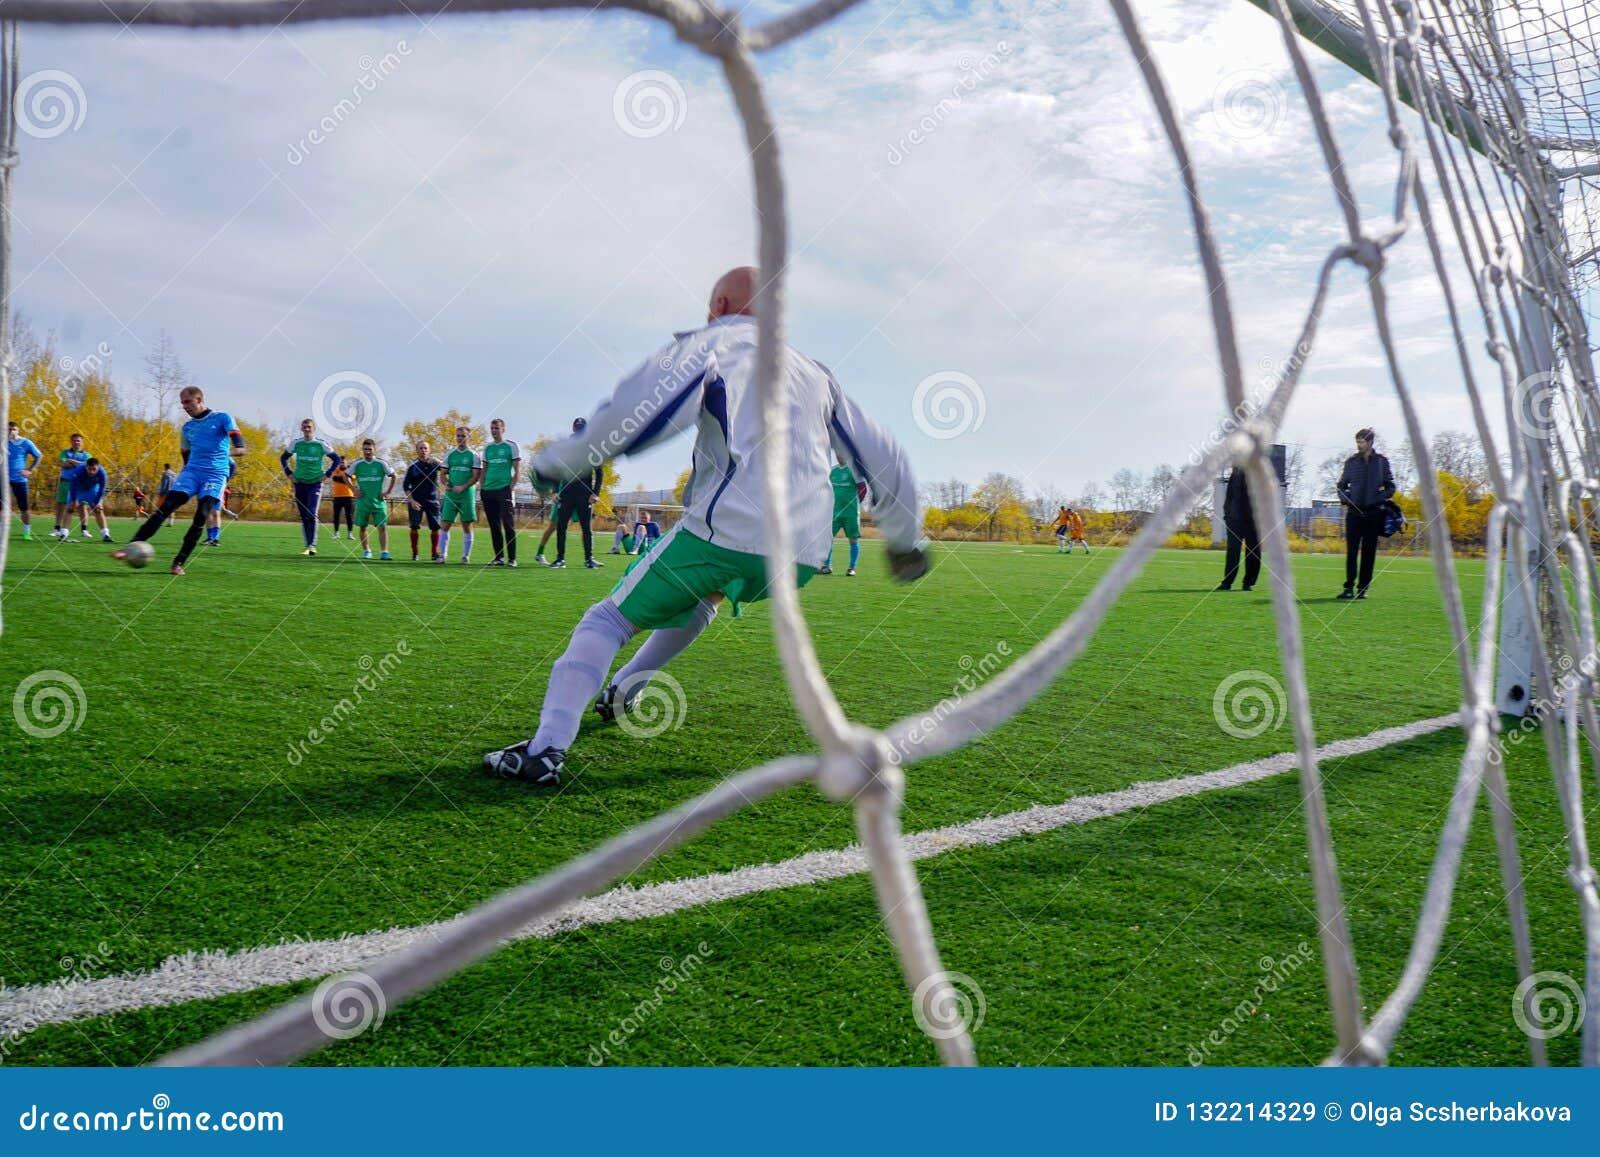 Ryssland fotbollfältet, målvakt reflekterar spark